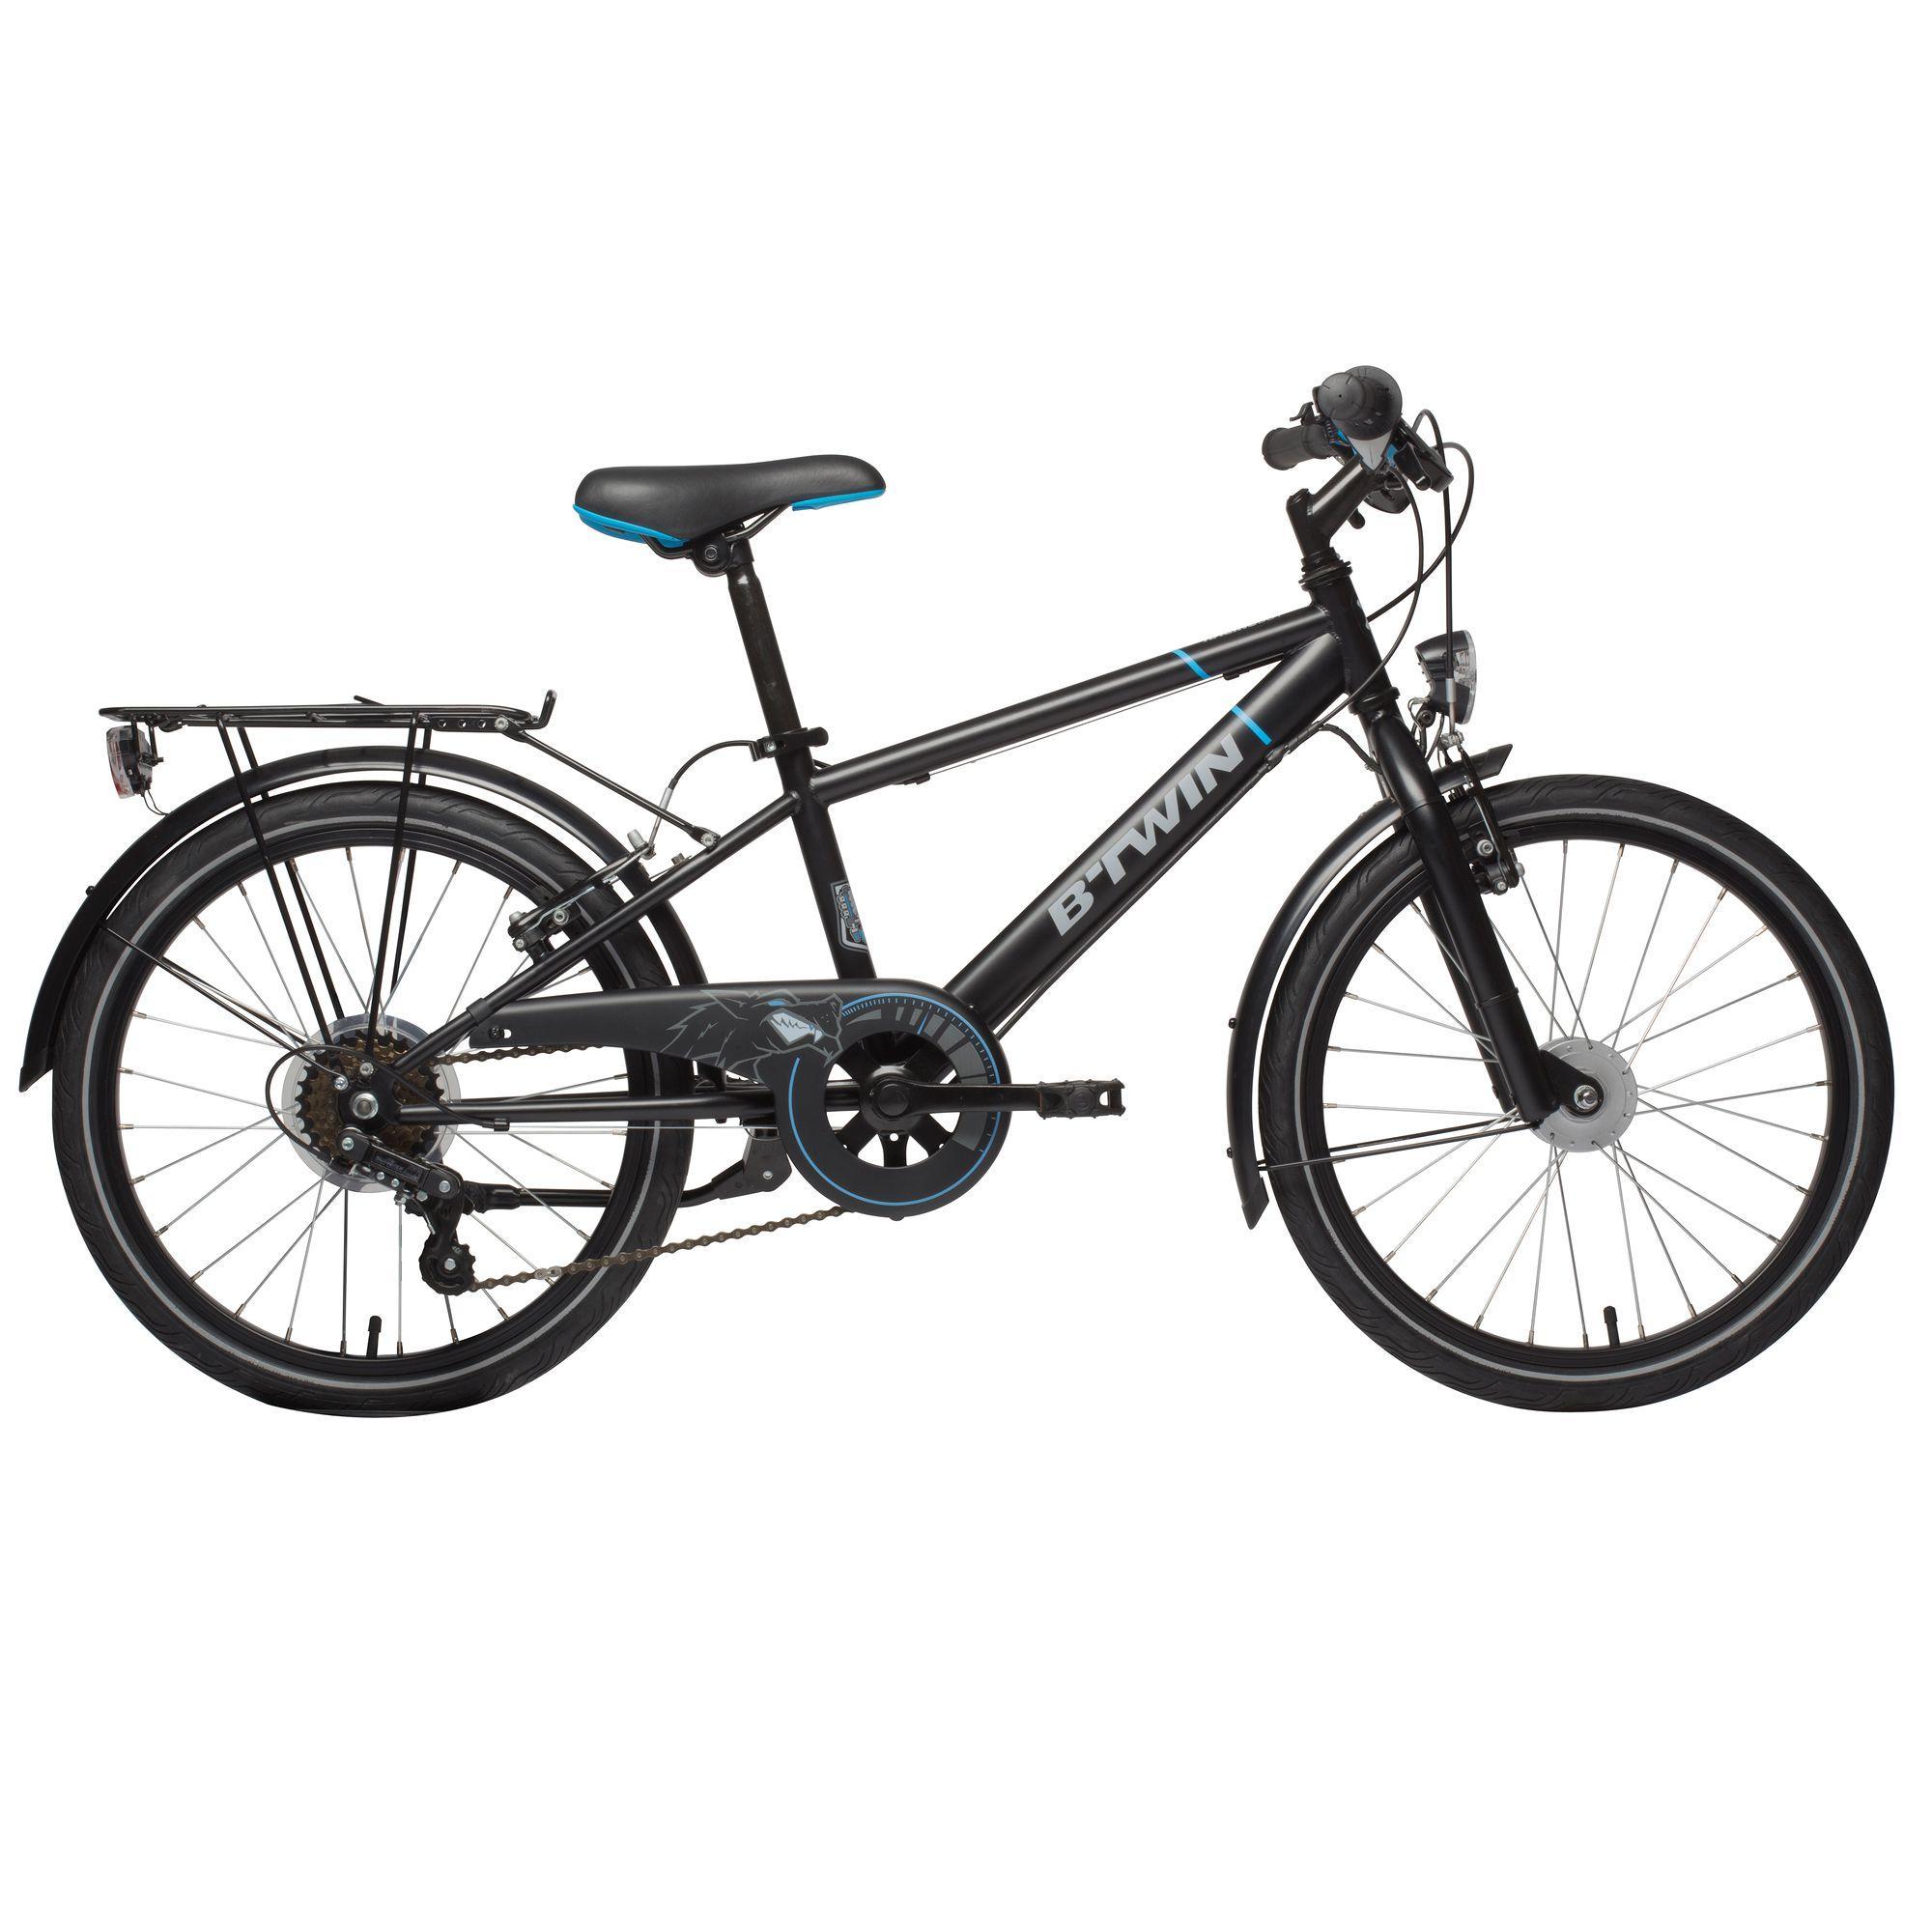 Fahrrad günstig kaufen im Online-Shop | B\'twin | Decathlon